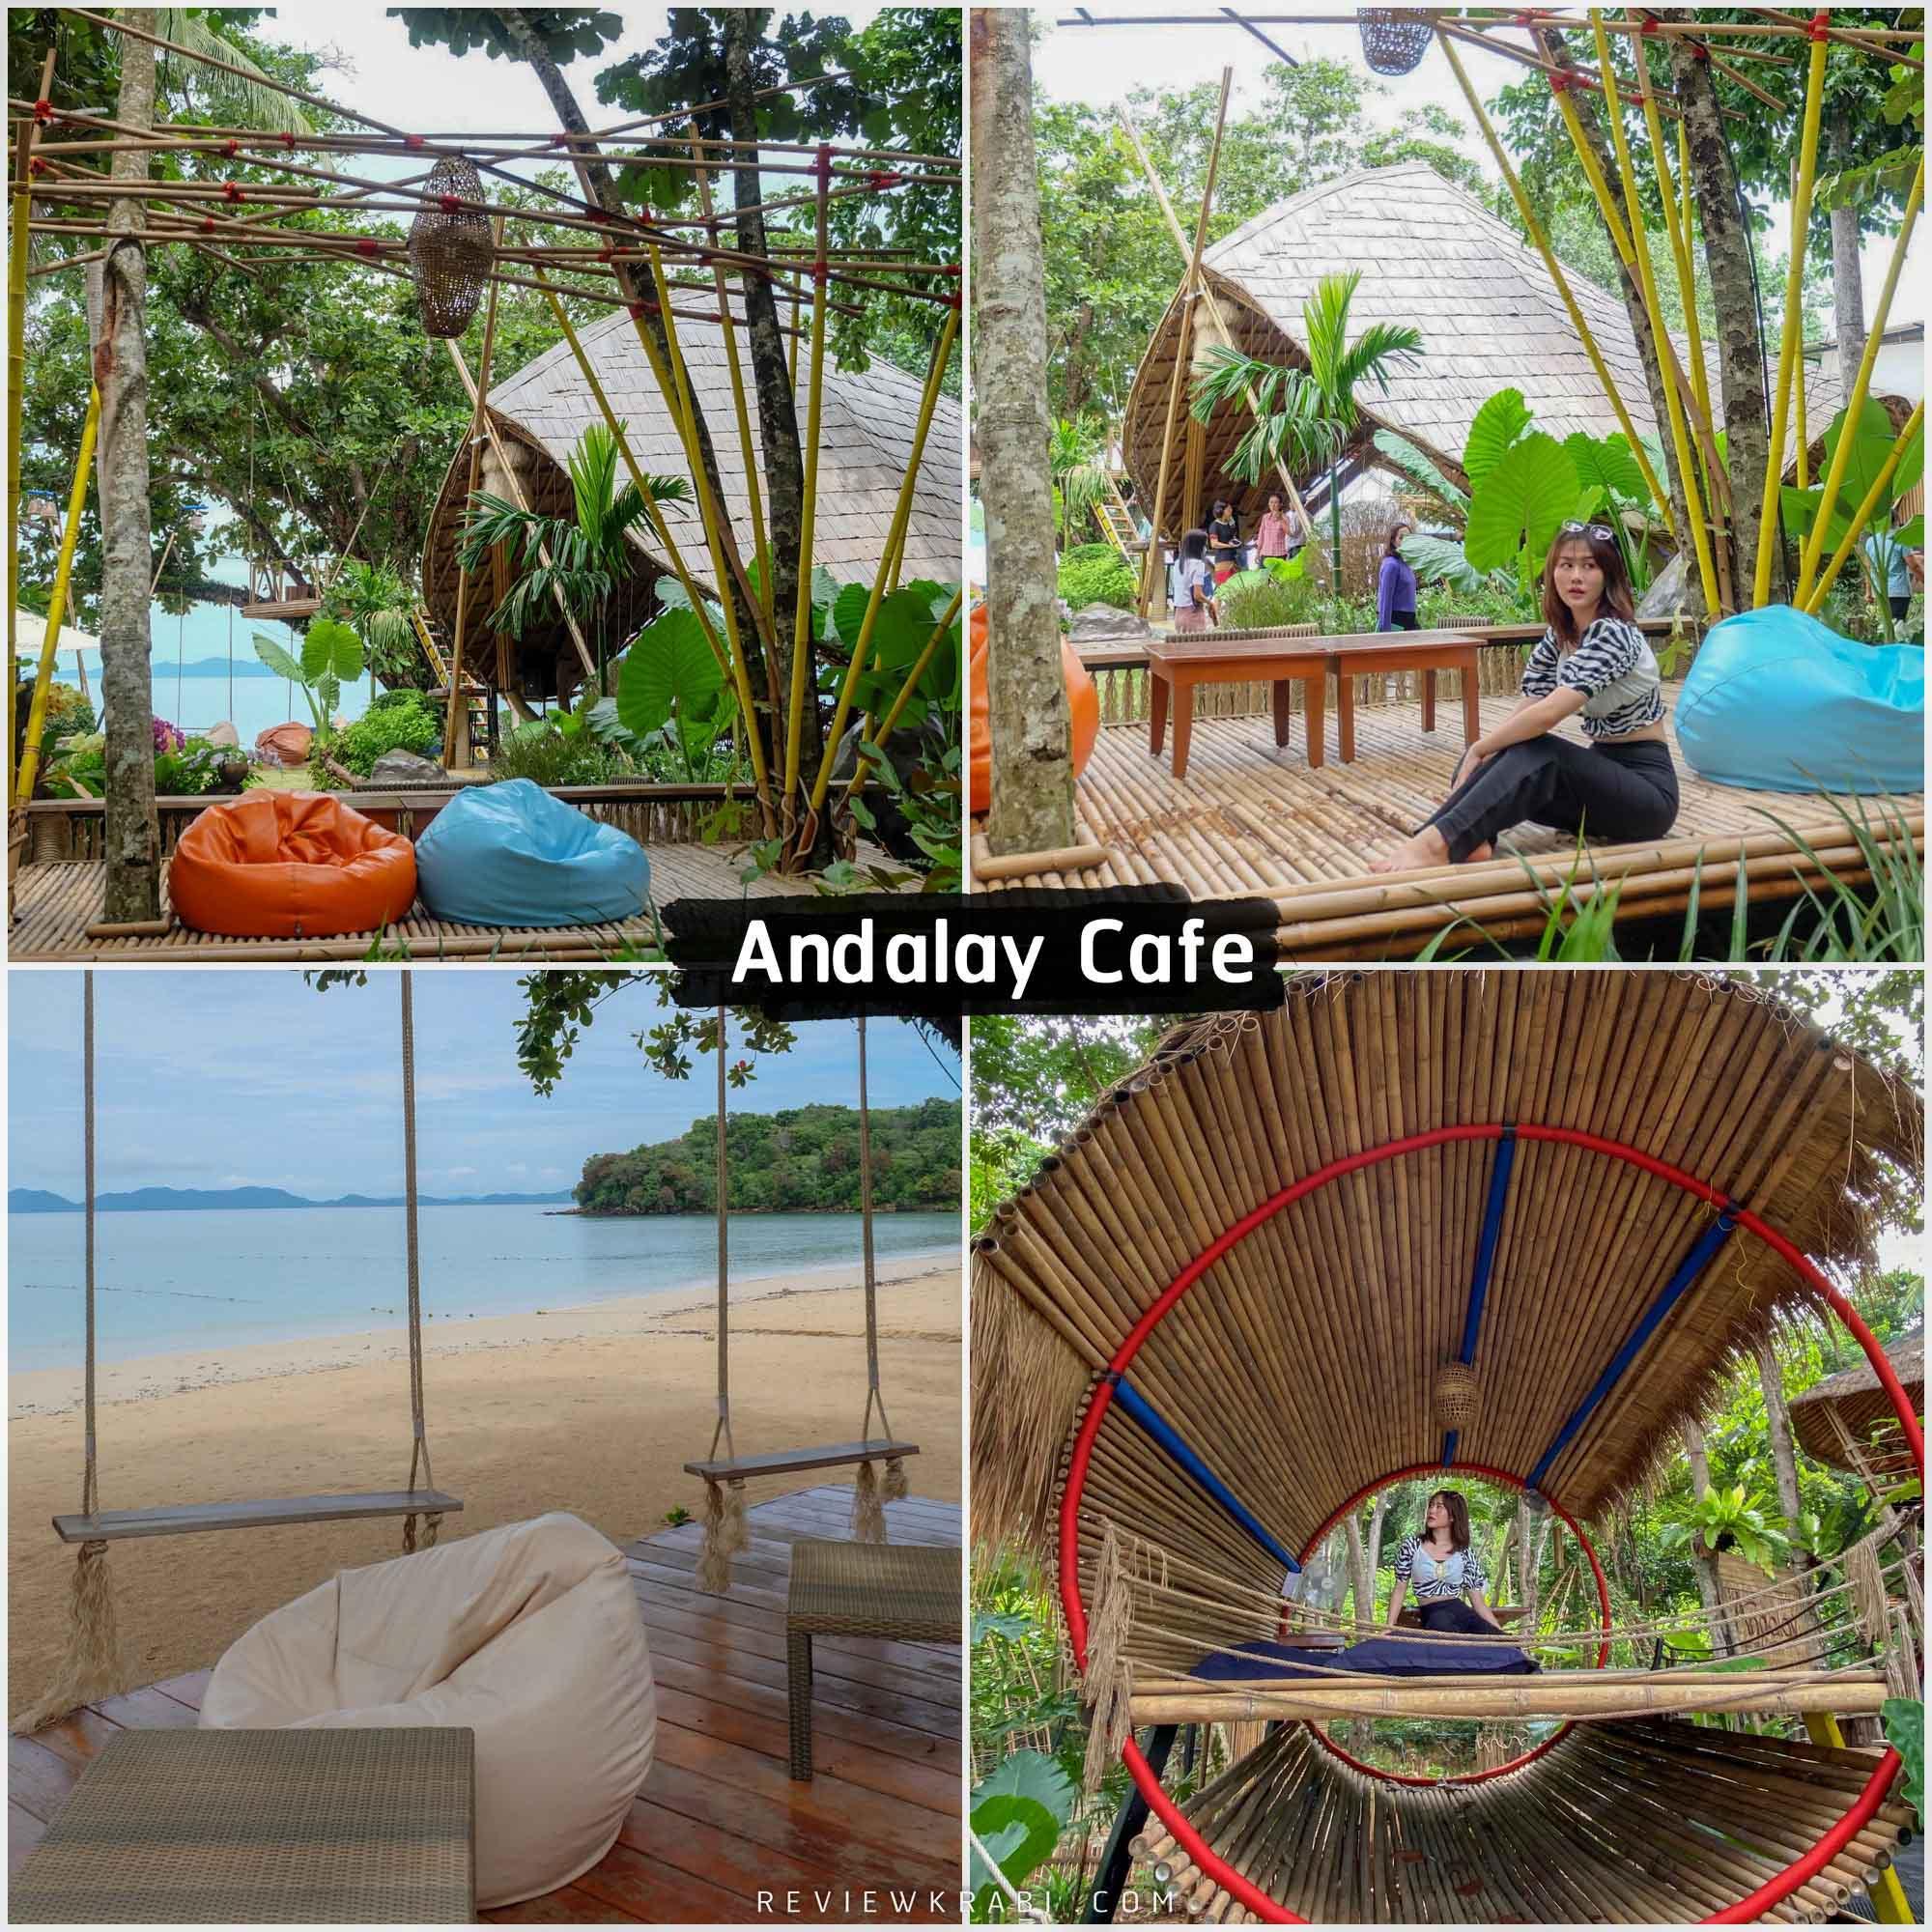 Andalay-beach-bar---cafe ปักหมุดเช็คอิน-andalay-beach-bar---cafe-คาเฟ่เก๋ๆมุมถ่ายรูปสวยๆติดวิวริมทะเลจังหวัดกระบี่-ตัวร้านใหญ่พอตัว-ติดริมหาดดังนั้นไม่ต้องคิดมากเรื่องถ่ายรูปสวยๆเลยร้านมีความกว้างและมุมให้นั่งพูดคุยกับเพื่อนๆเยอะแยะมากหรืออยากมาดูธรรมชาติให้สบายใจก็ดีอาหารอร่อยมีให้เลือกเยอะมาก-มีเมนูแนะนำที่ต้องลอง-และที่เด็ดจริงๆก็บรรยากาศในร้านเนี่ยแหละครับ ที่พัก,กระบี่,อ่าวนาง,วิวหลักล้าน,โรงแรม,รีสอร์ท,krabi,เกาะพีพี